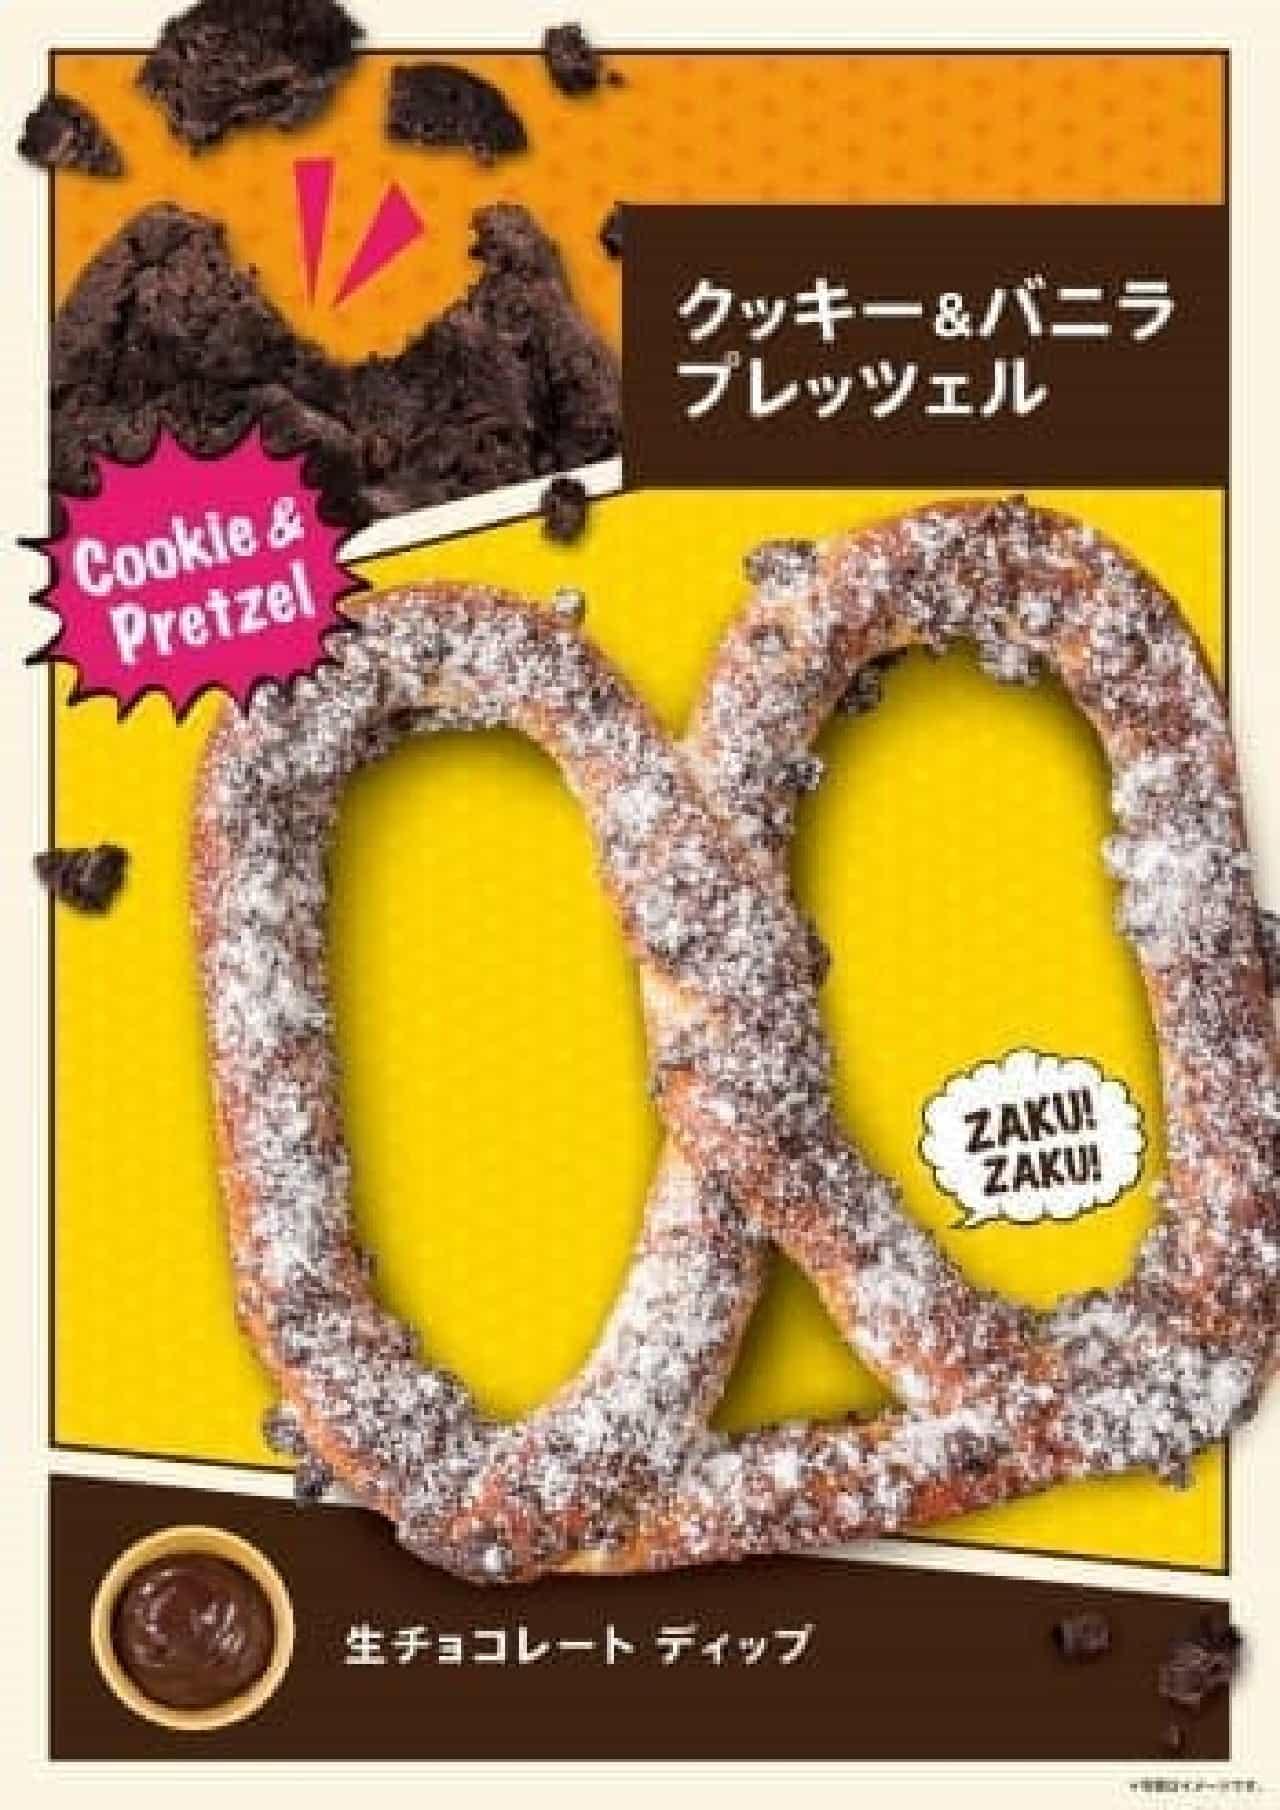 ザクザクチョコクッキー&バニラの贅沢プレッツェル